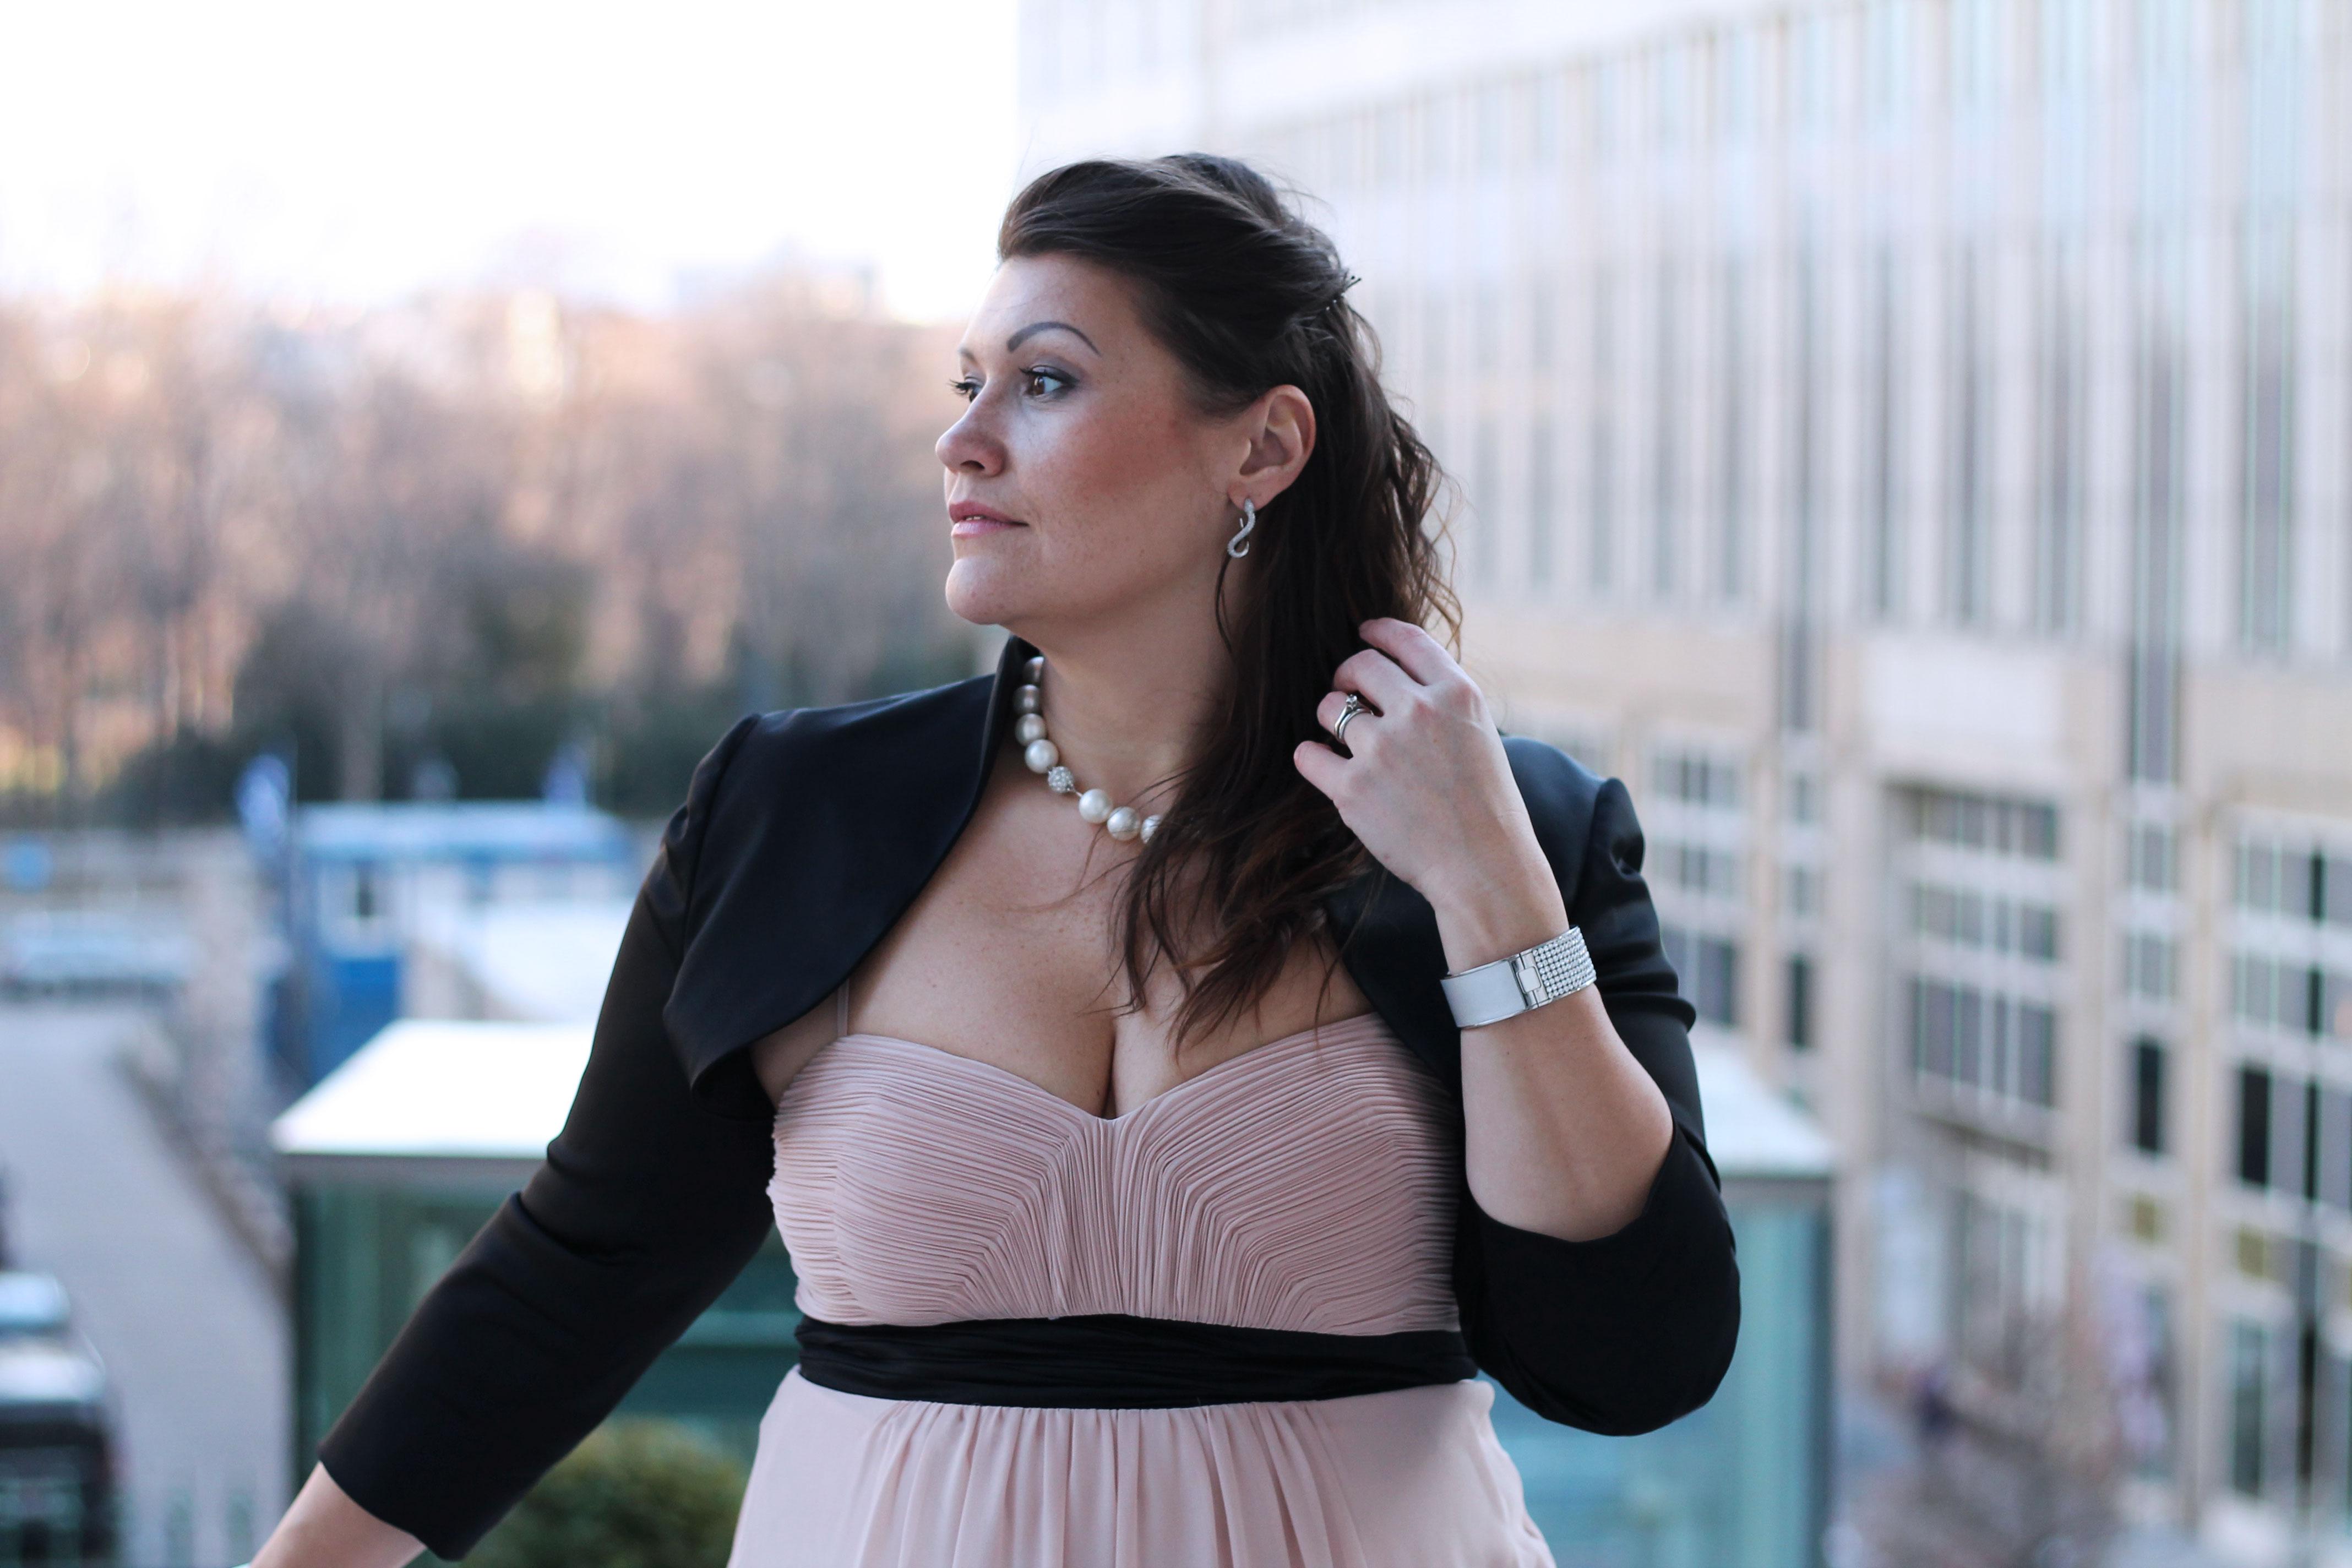 ballkleid-farbe-rose-nude-kardiaserena-swarovski-perlenkette-schwarzer-bolero-plussize-blogger-fashion-outfit